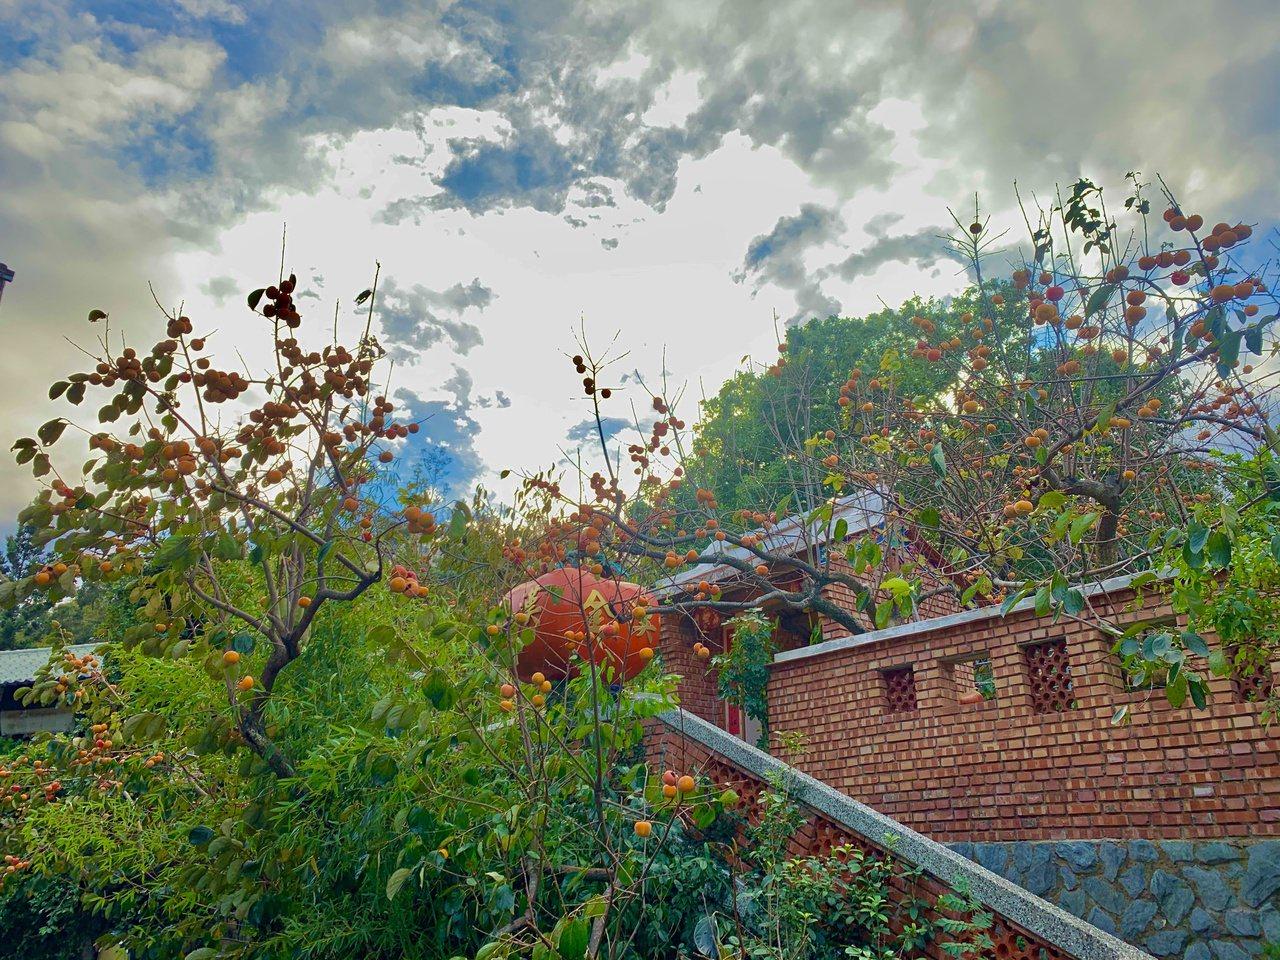 新埔鎮金漢柿餅目前轉型教育農園,希望透過課程讓民眾了解柿餅。 圖/巫鴻瑋 攝影